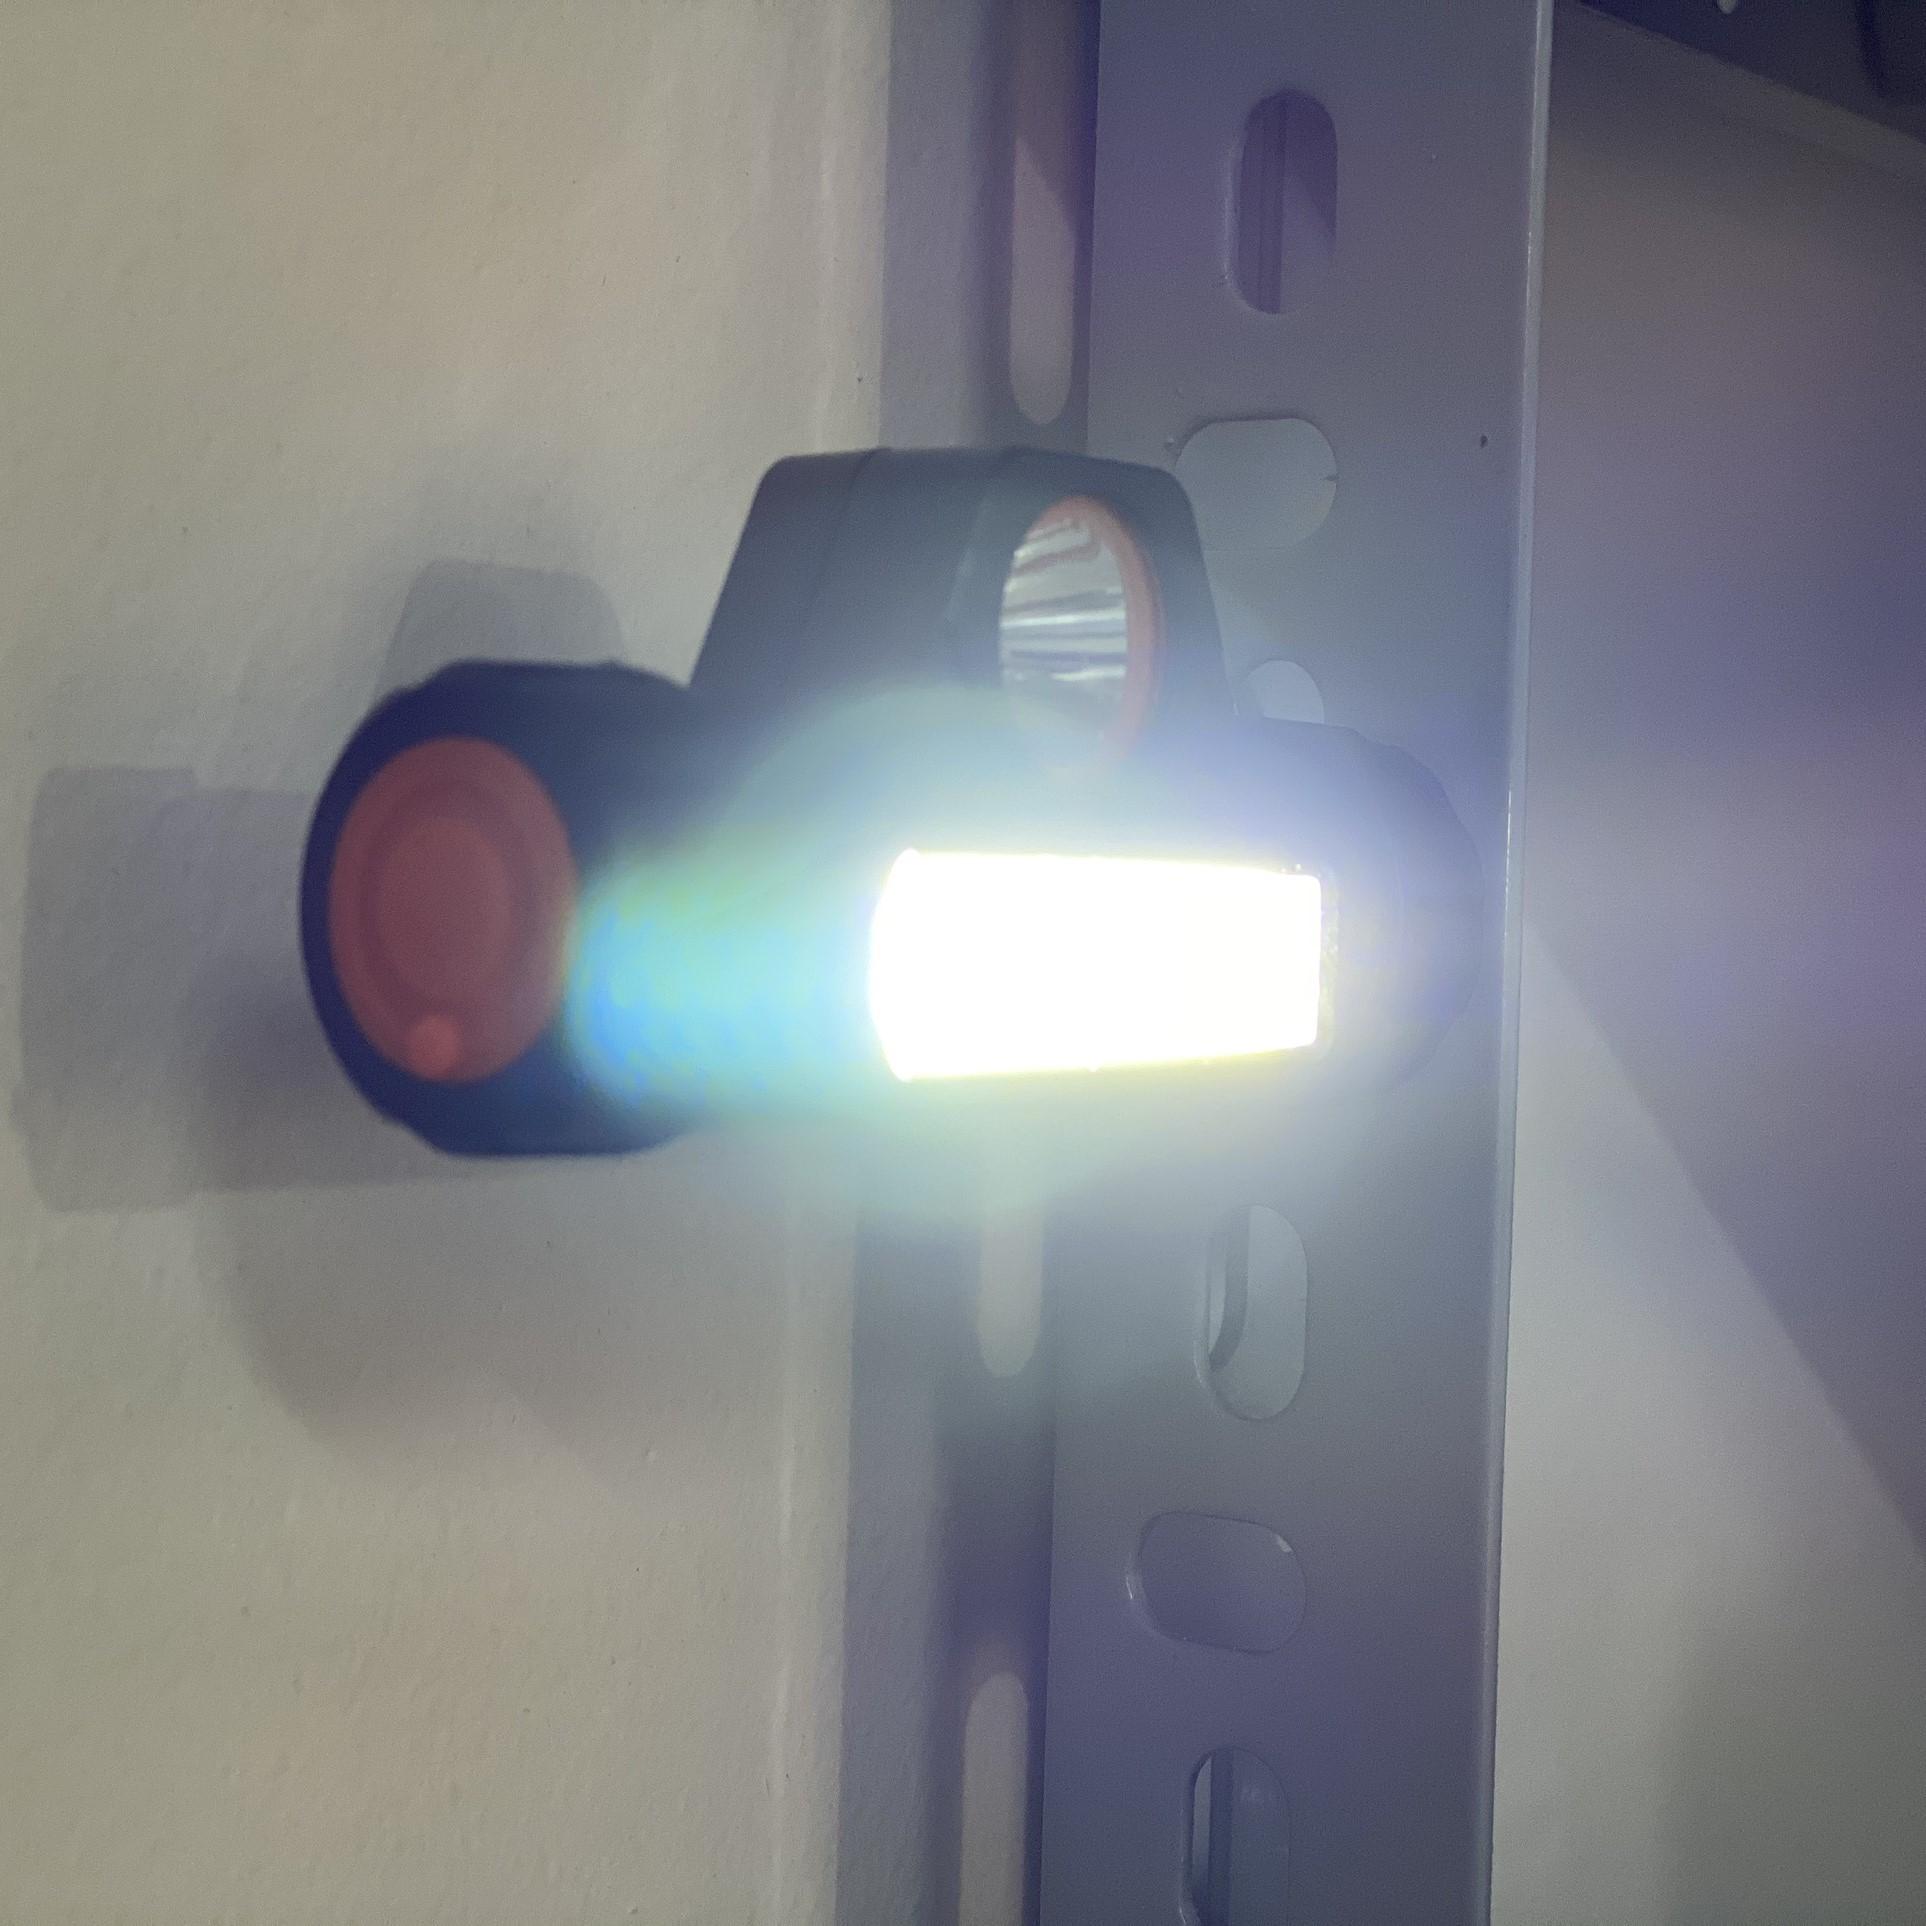 Đèn Pin Đội Đầu Ánh Sáng Led 2 Chế Độ Sáng, Có Chức Năng Hít Kim Loại Essesa Q5 - Hàng Chính Hãng